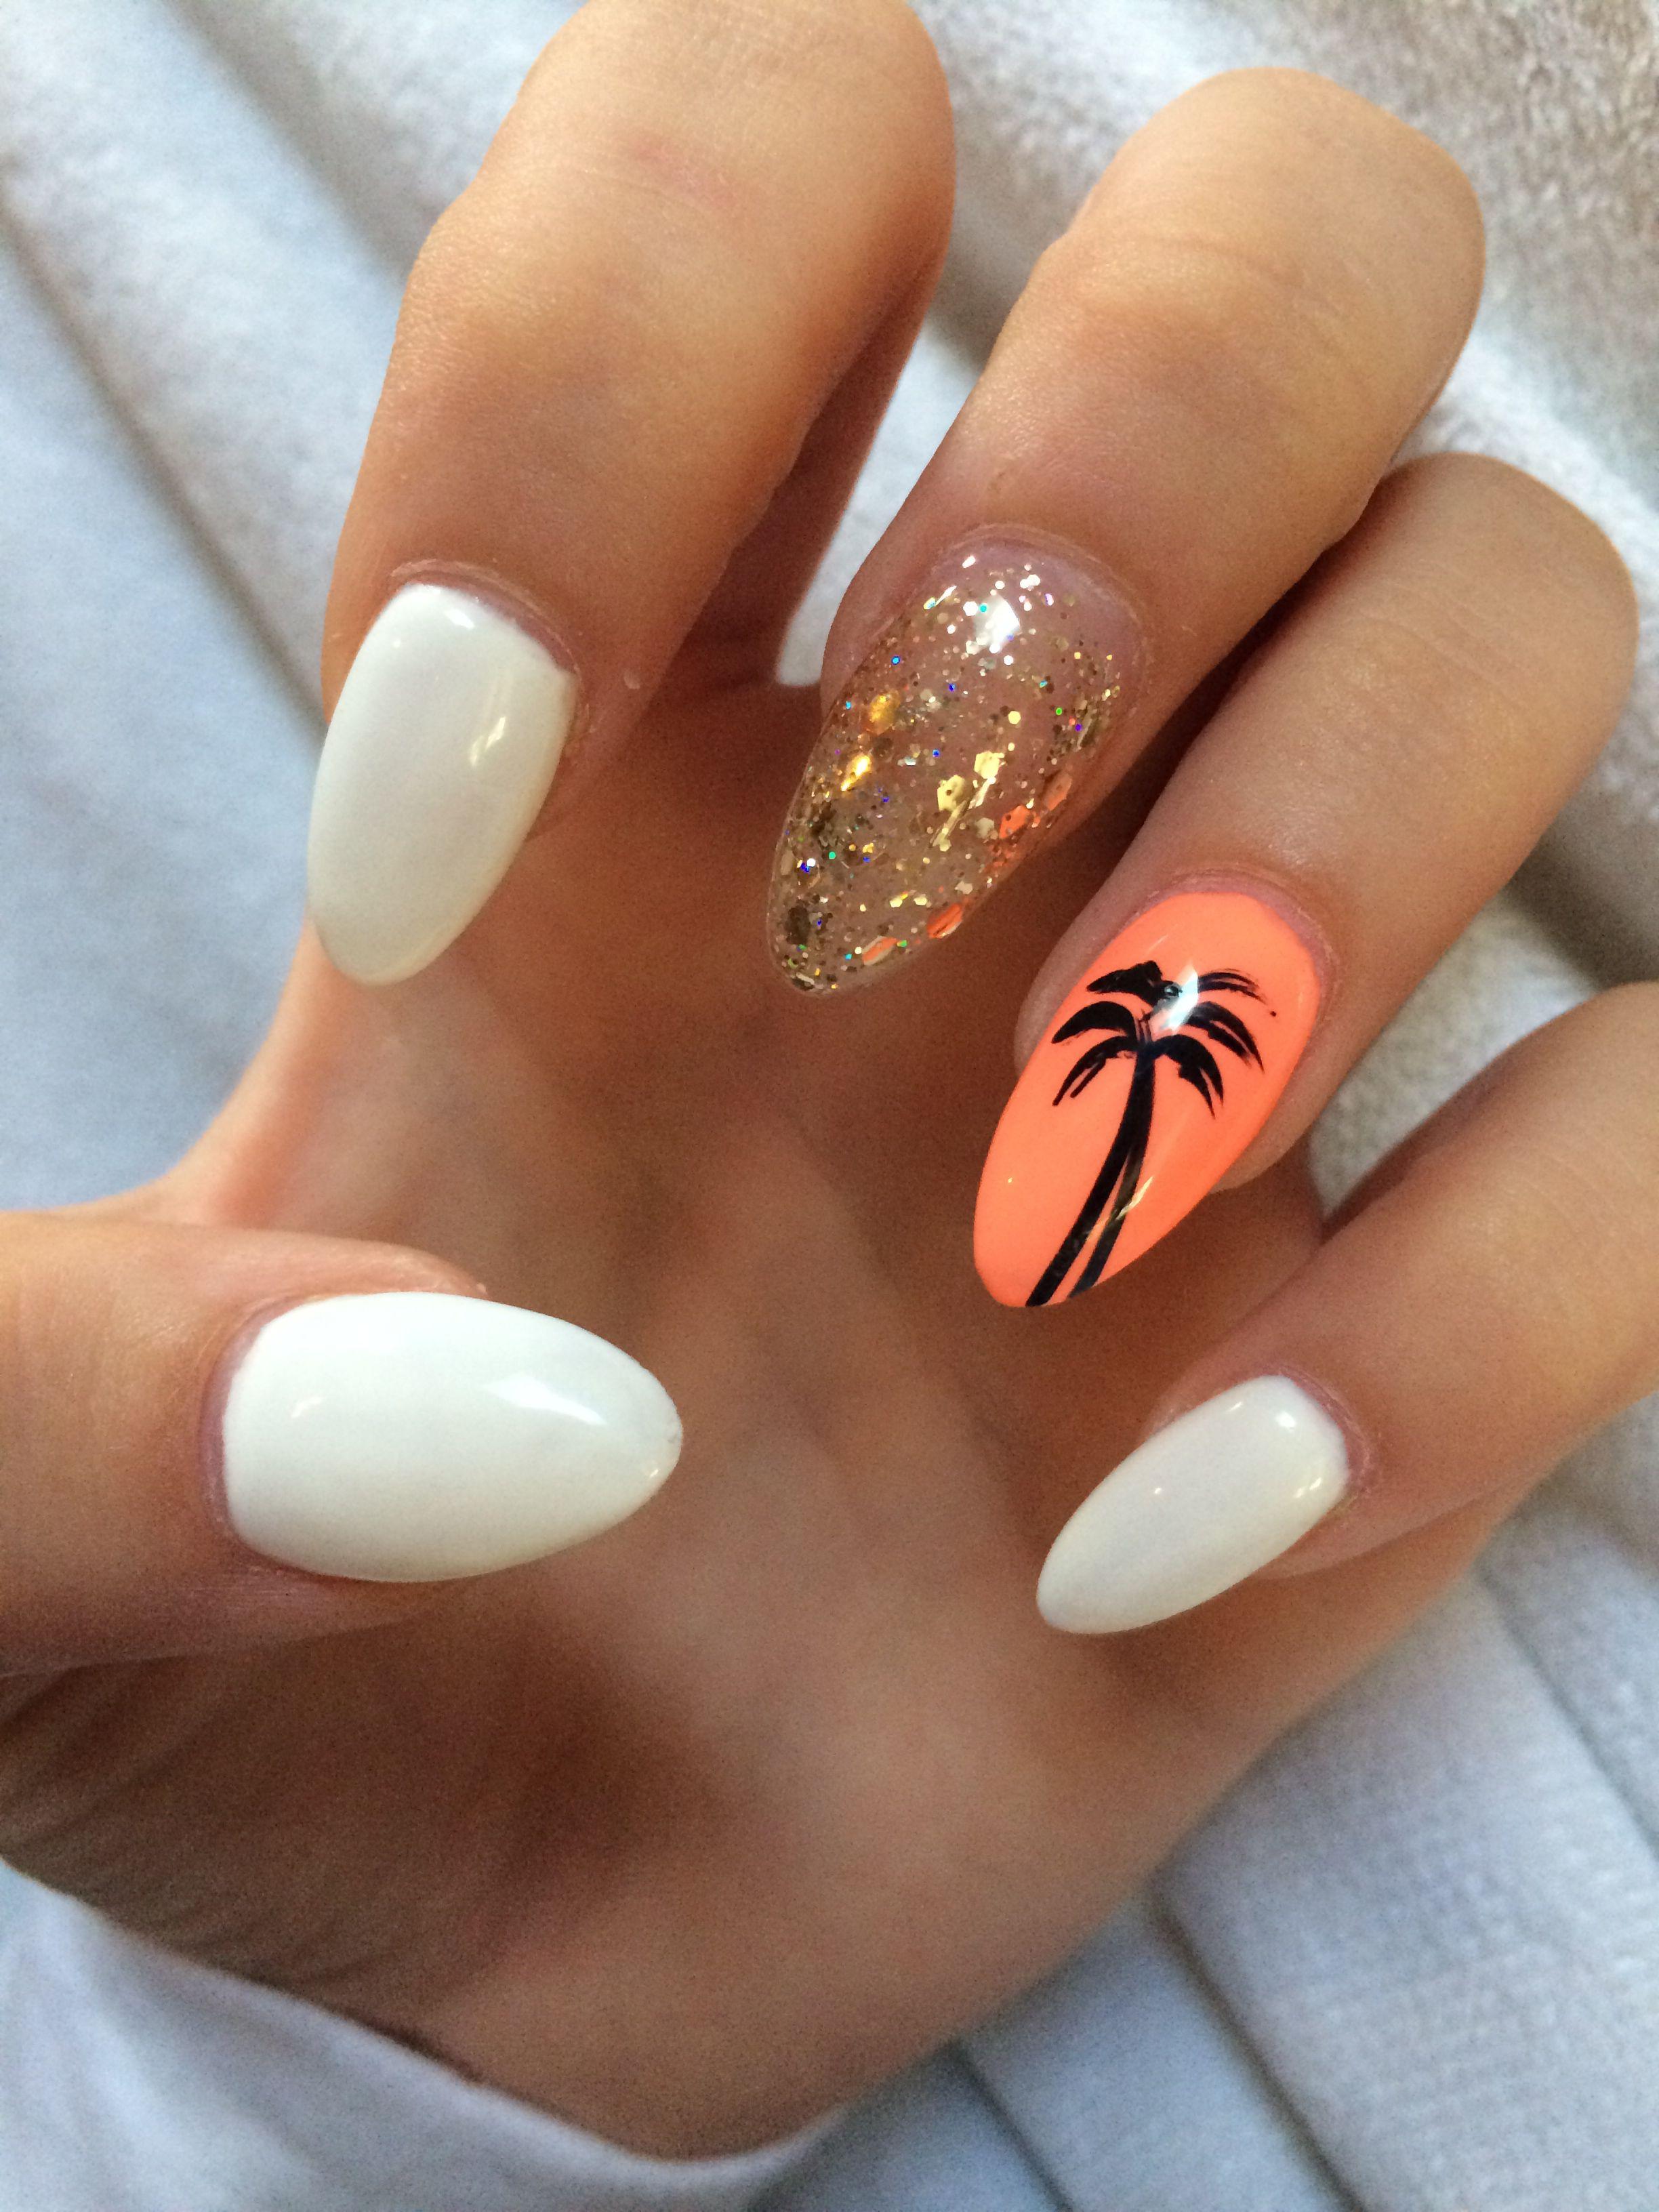 Vacation nails | loveeee | Pinterest | Vacation nails, Vacation ...